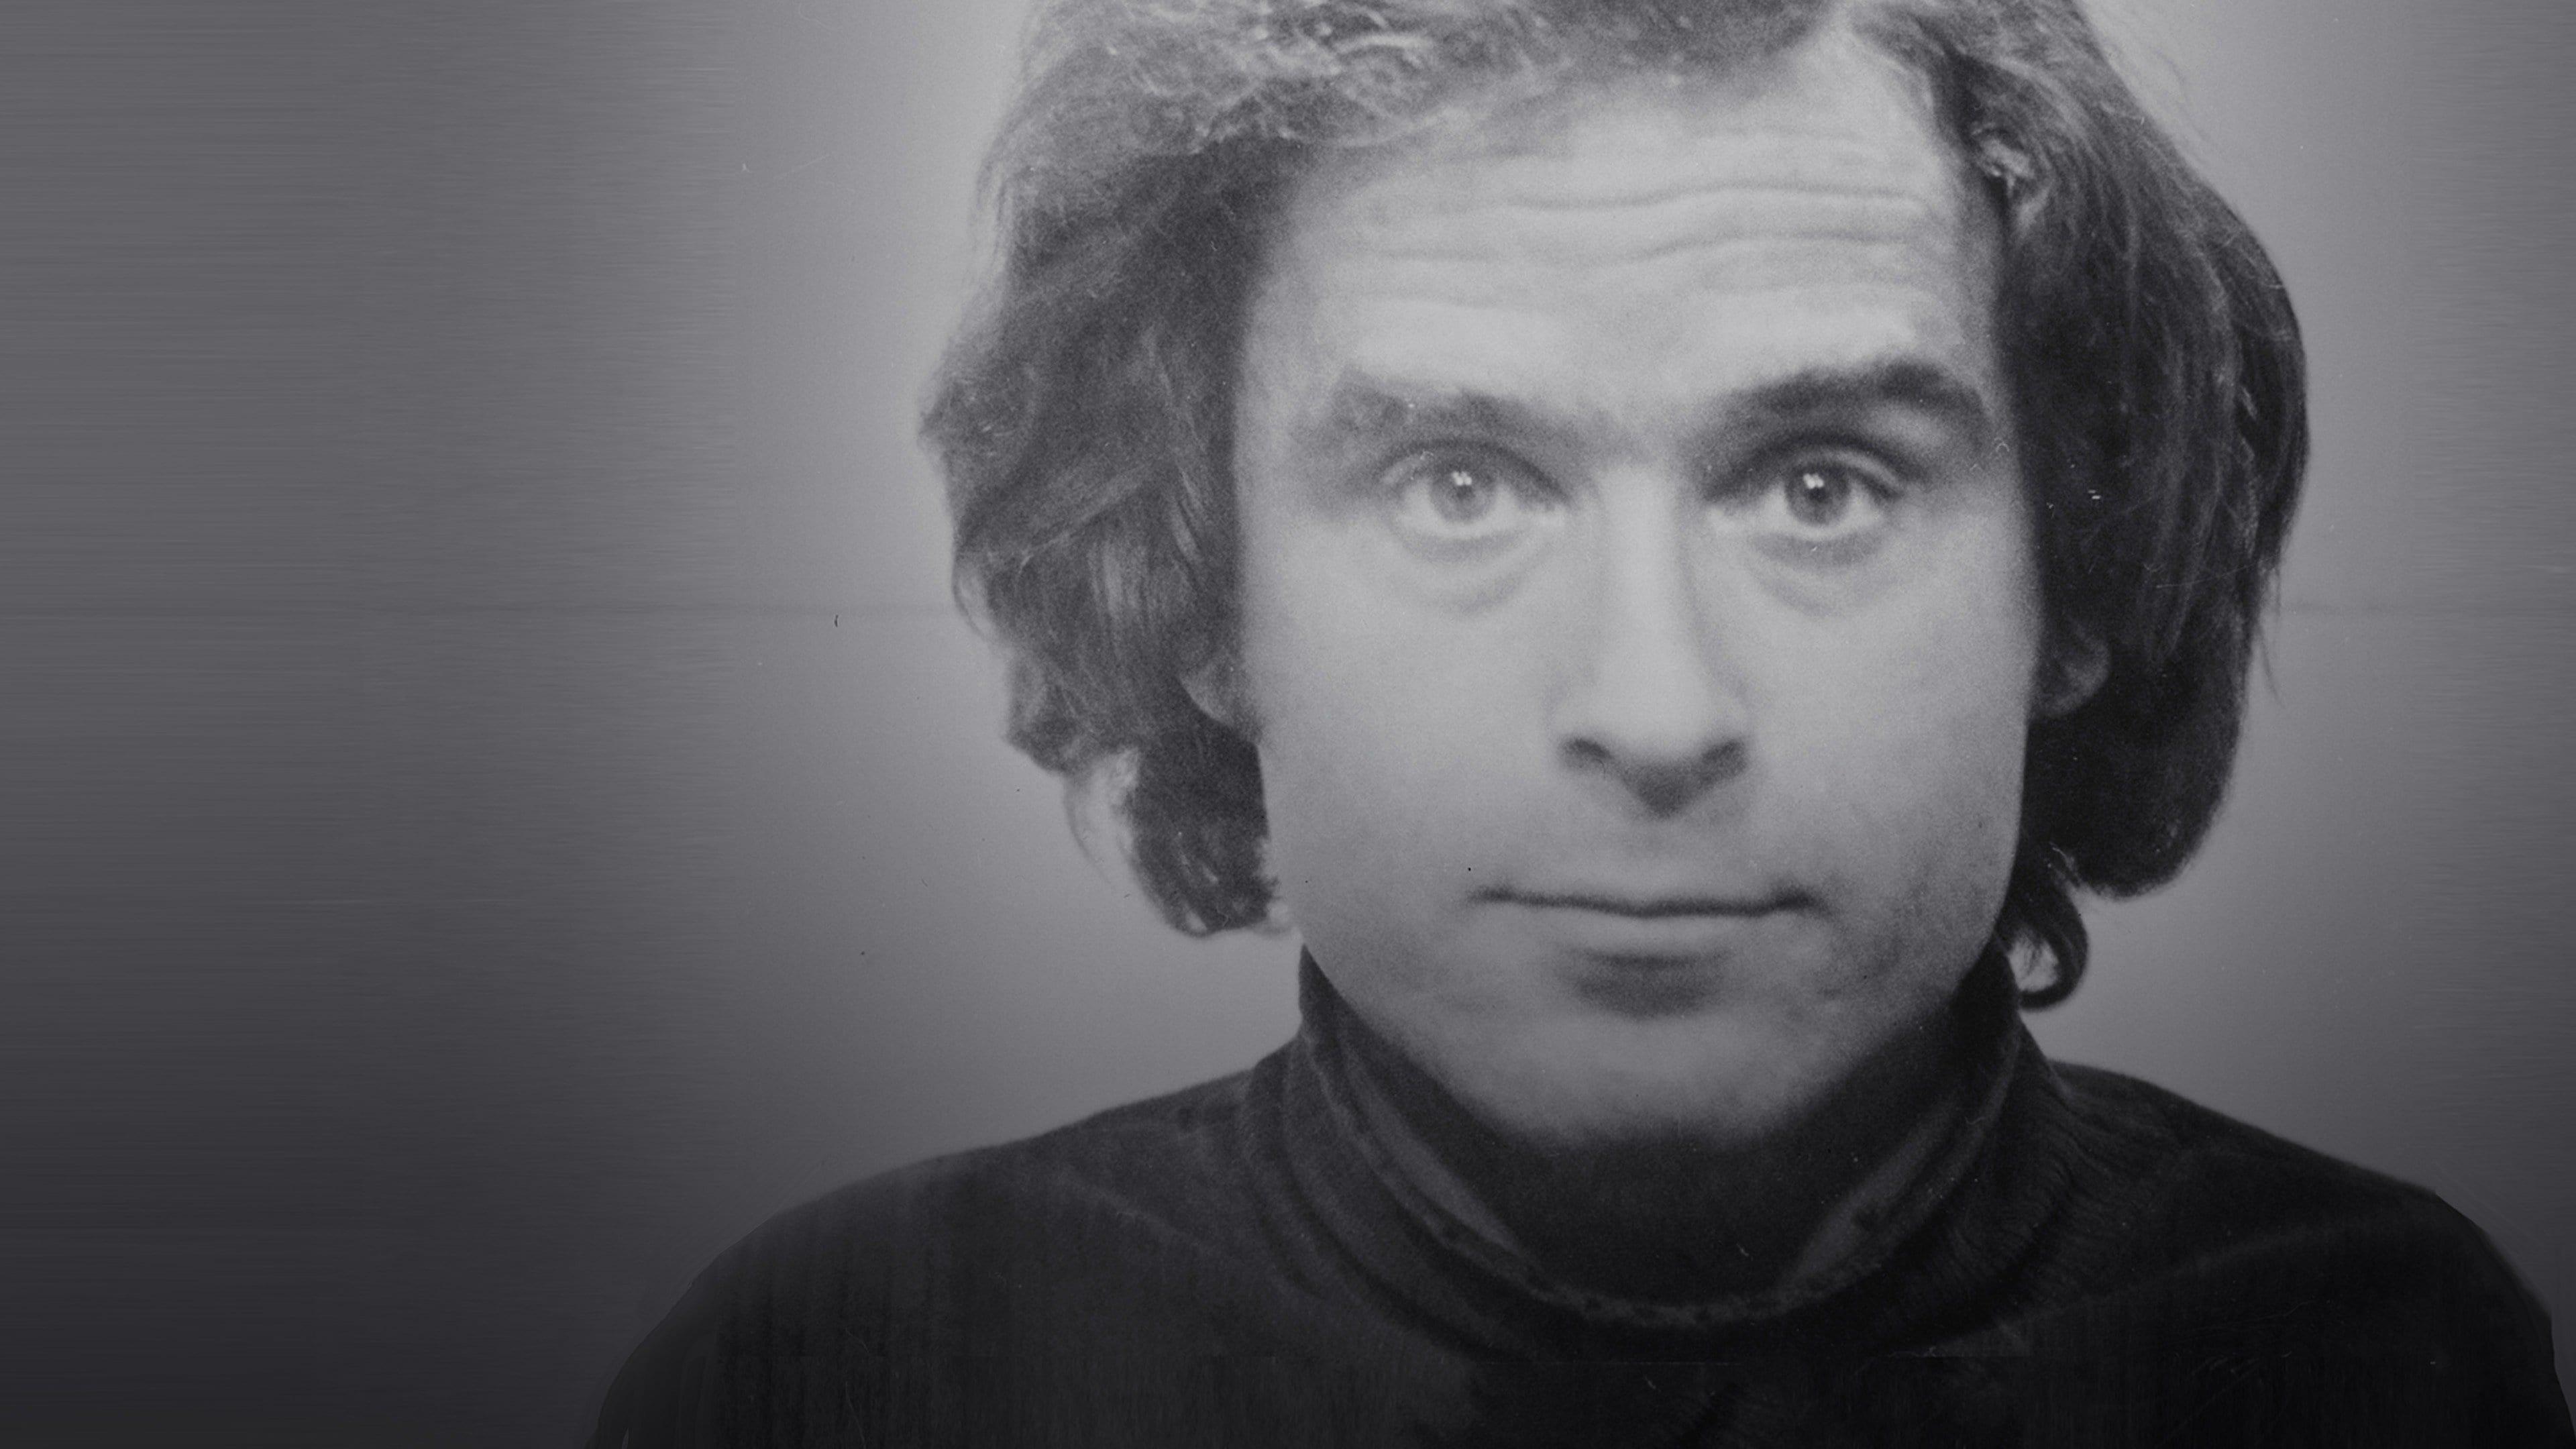 Ted Bundy: In Defense of